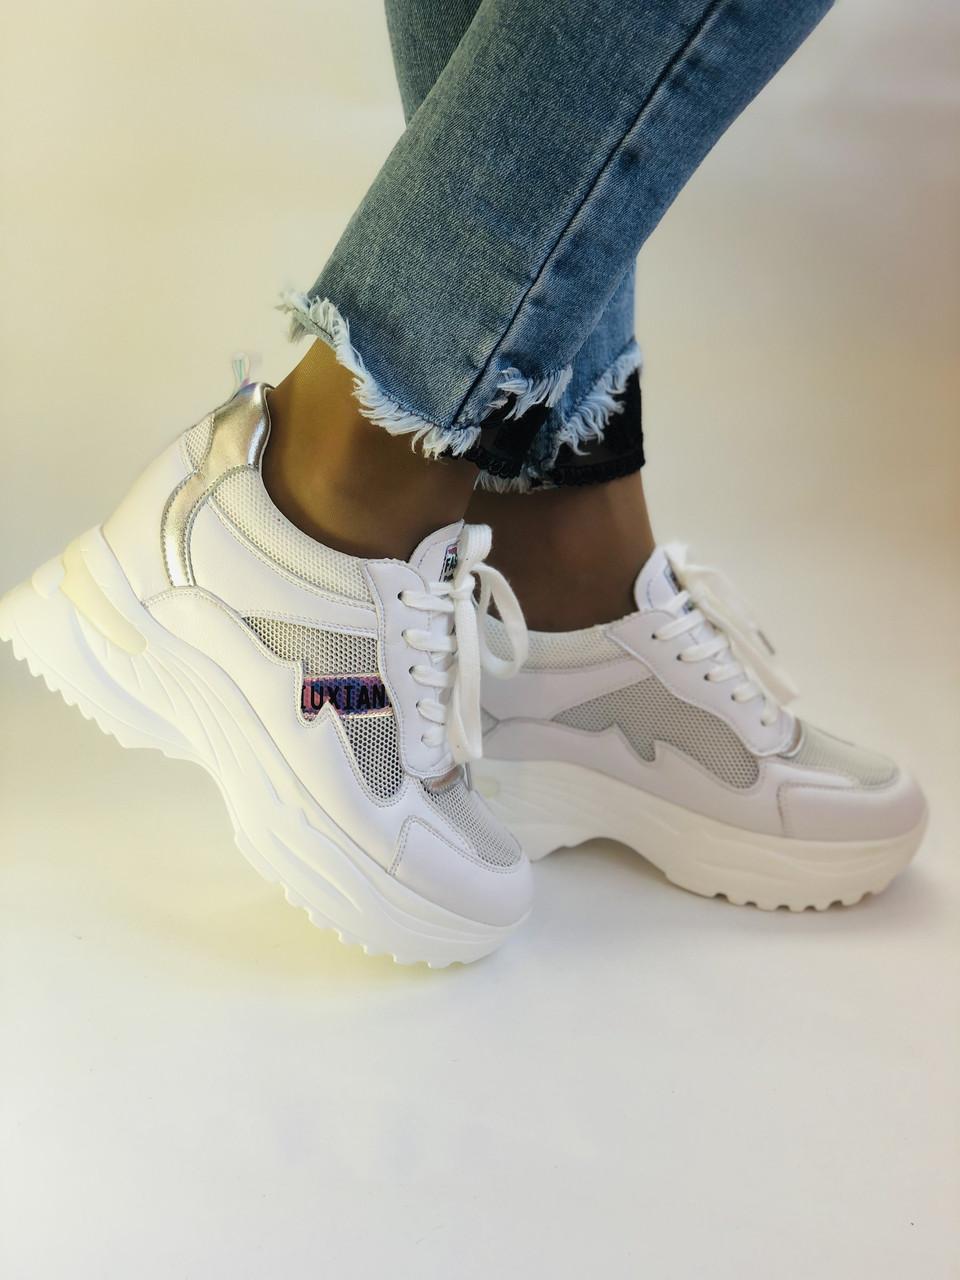 Стильные женские кеды-кроссовки сникерсы. Белые с сеткой.Отличное качество!  36-39  Vellena